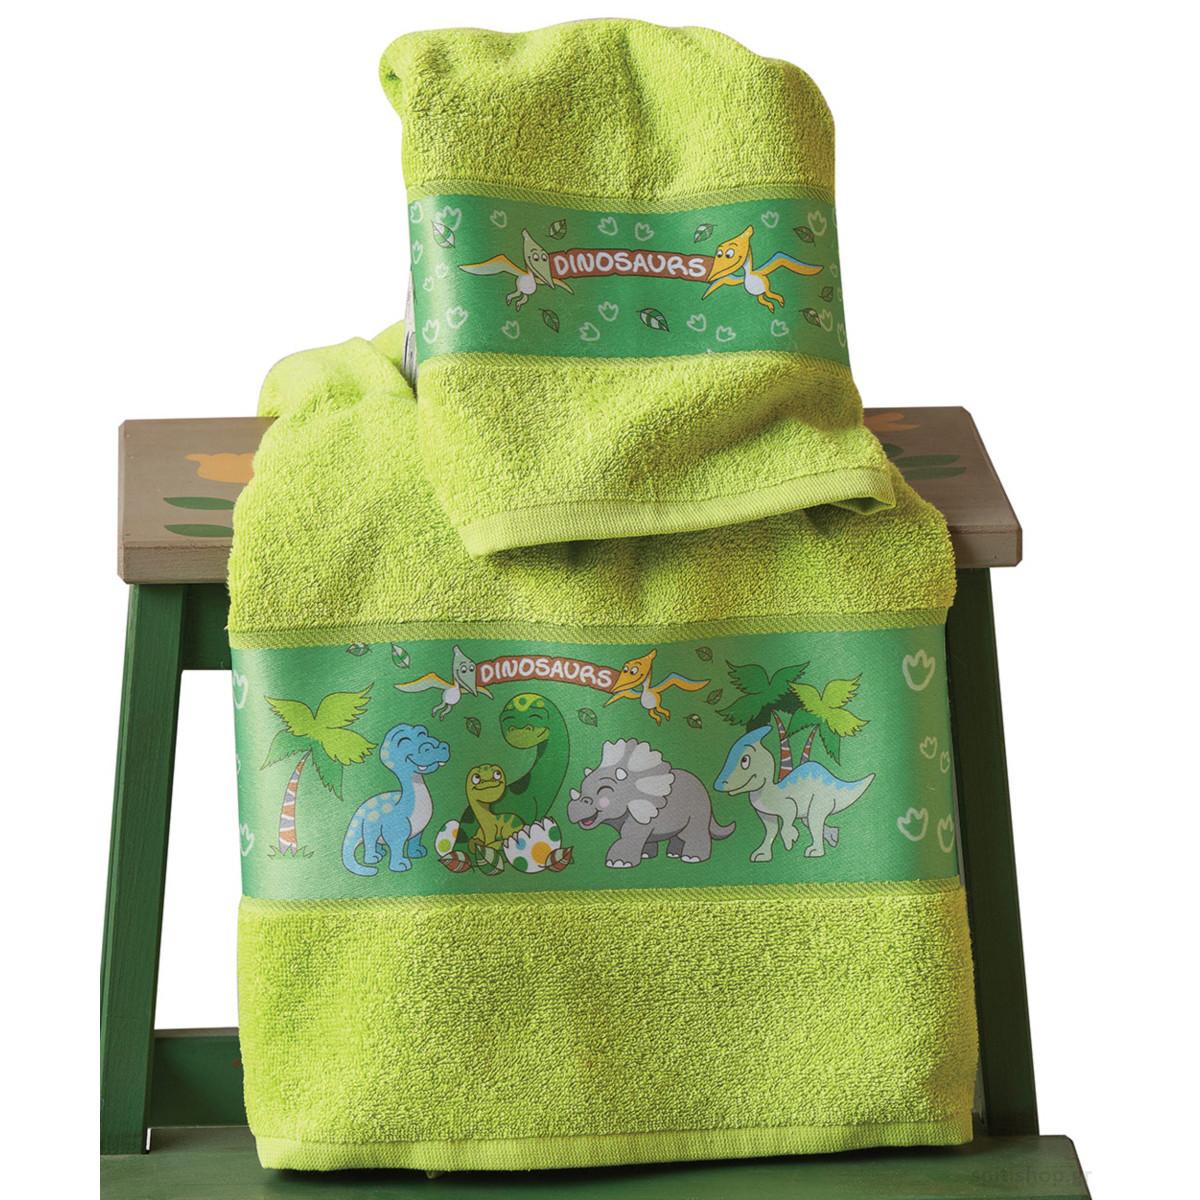 Παιδικές Πετσέτες (Σετ 2τμχ) Kentia Kids Derek home   παιδικά   πετσέτες παιδικές